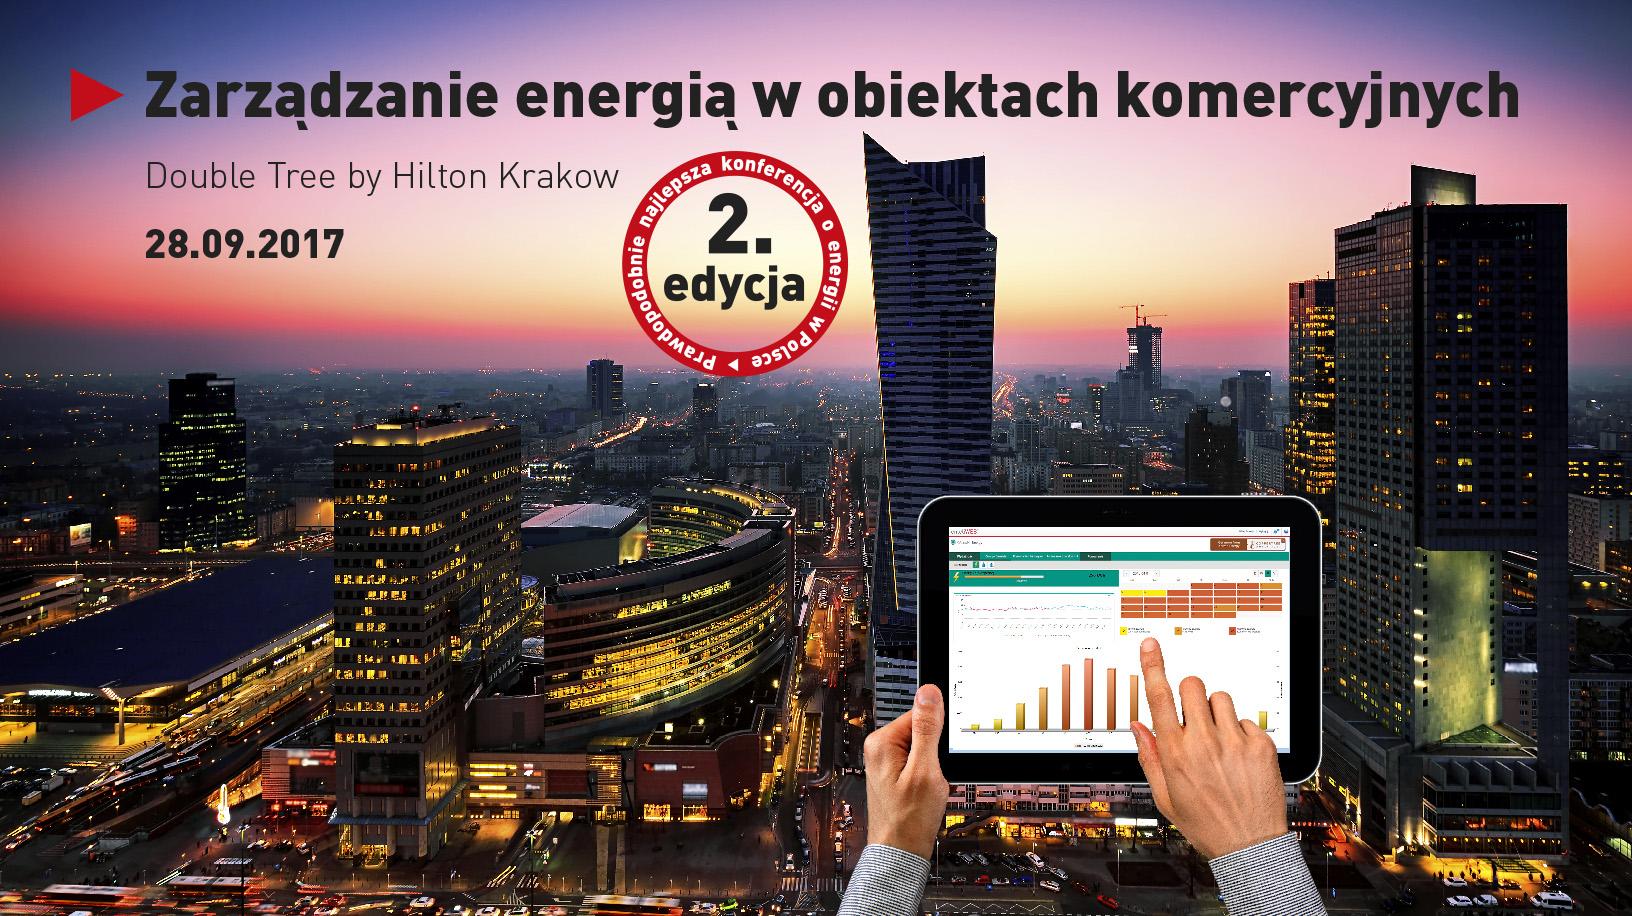 ZARZĄDZANIE ENERGIĄ W OBIEKTACH KOMERCYJNYCH